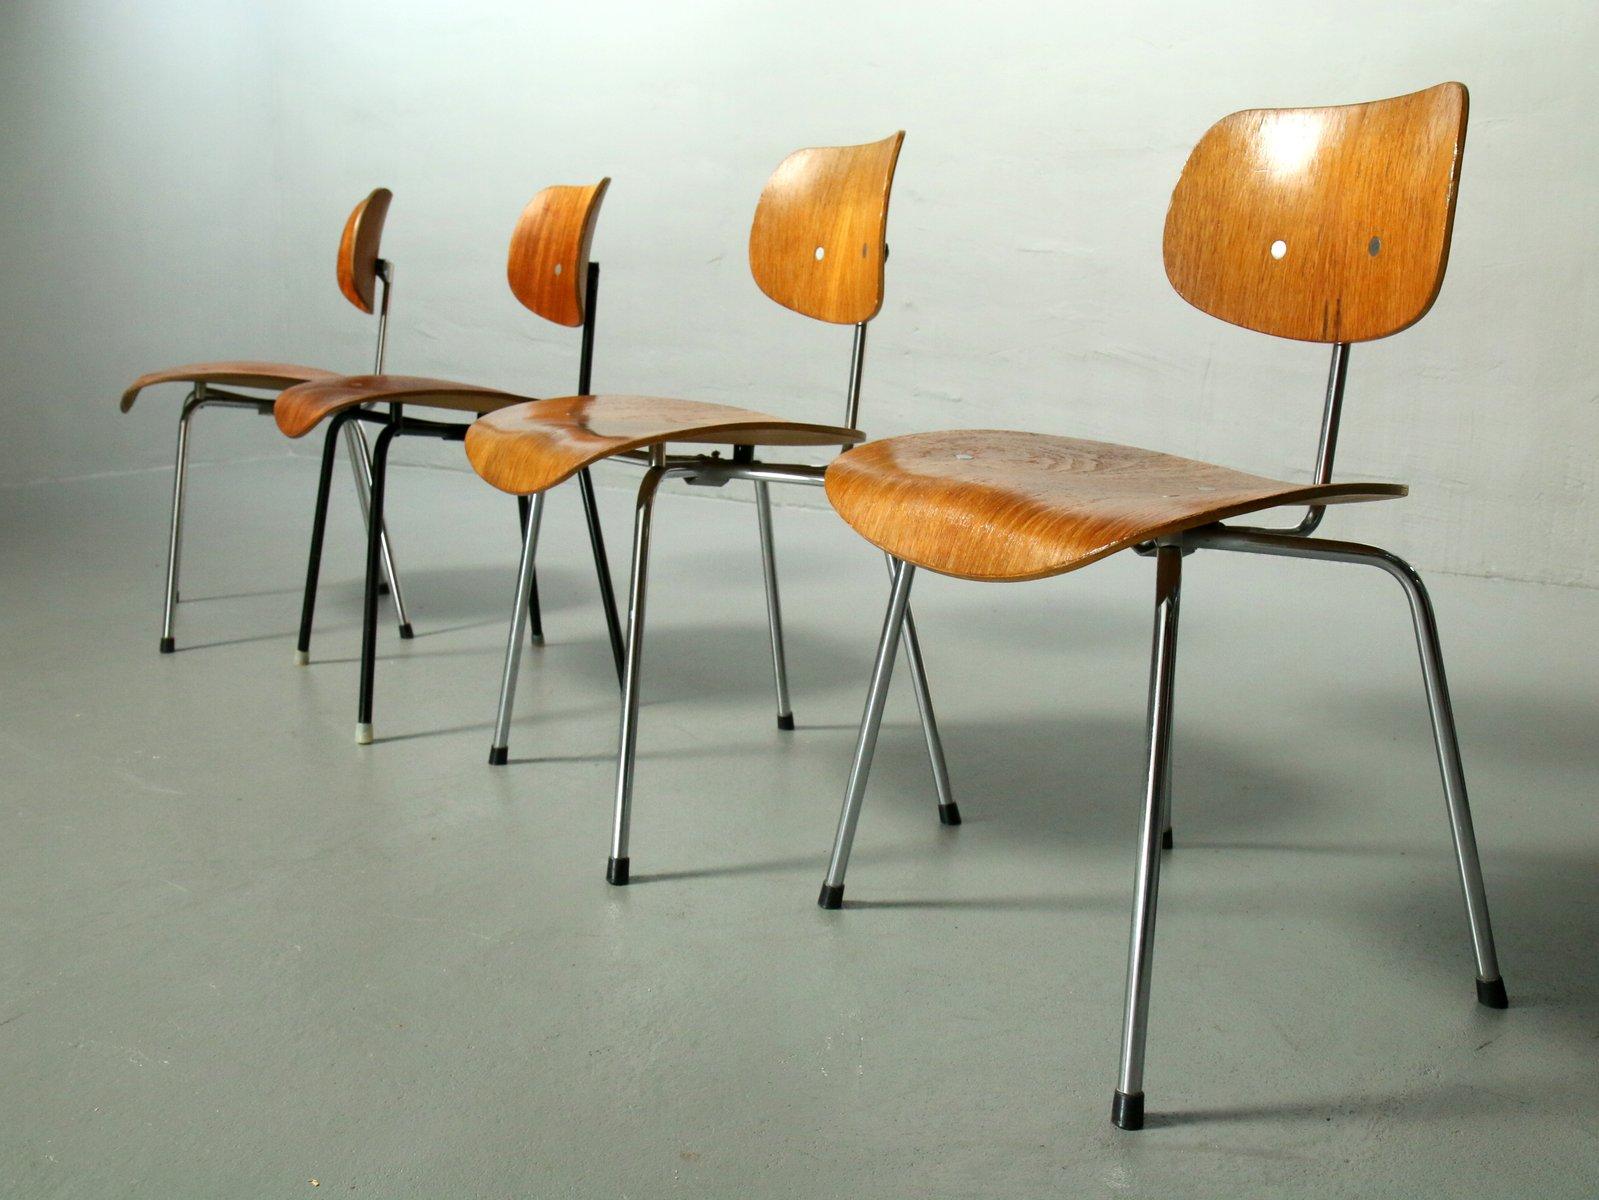 Stuhl Walnuss Esstisch Stuhl Aus Holz Holzpiloten